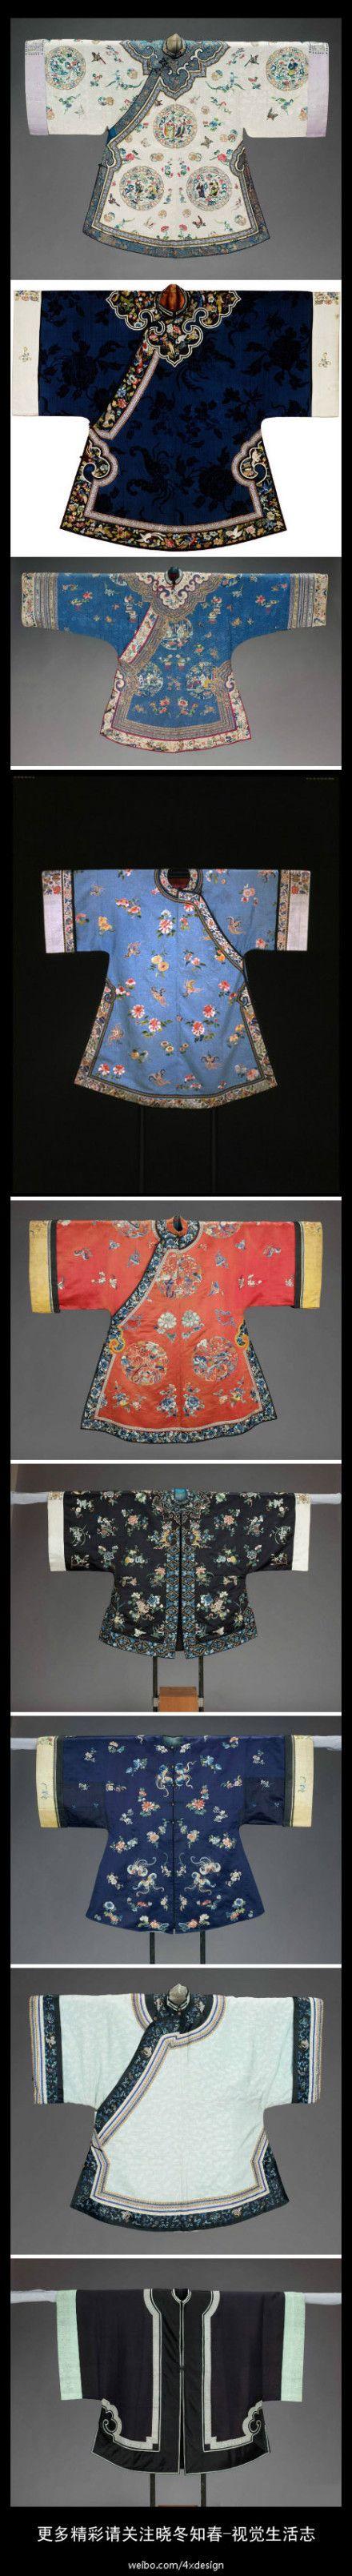 El encanto de China ----- ropa de la dinastía Qing es básicamente la Qing, de hecho, ahora muy lejos de nosotros.  Más por favor, preste atención a